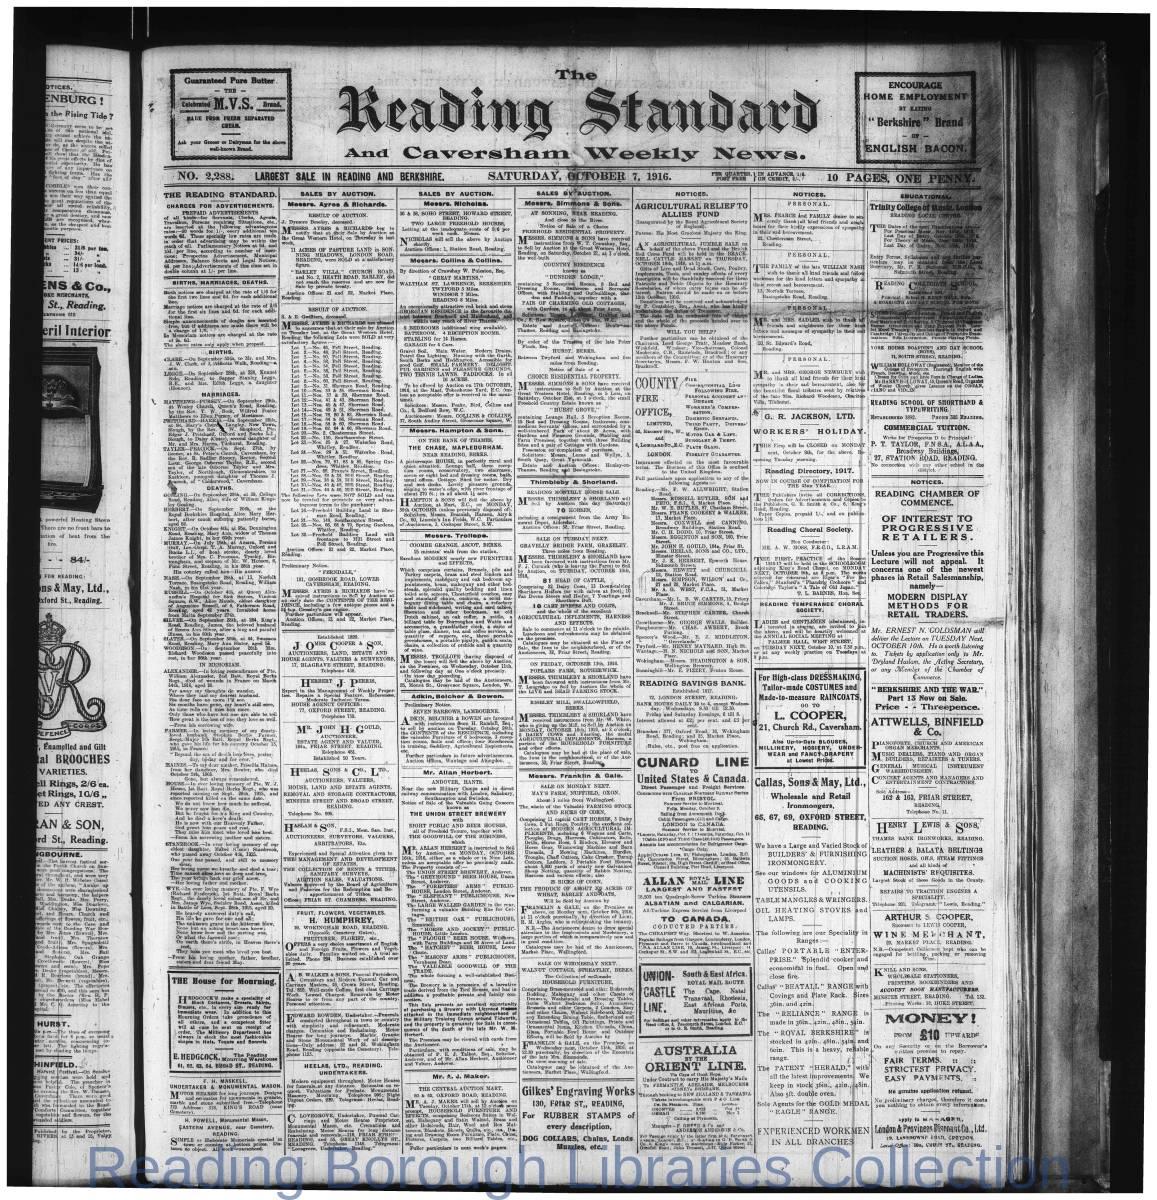 Reading Standard Etc_07-10-1916_00002.jpg